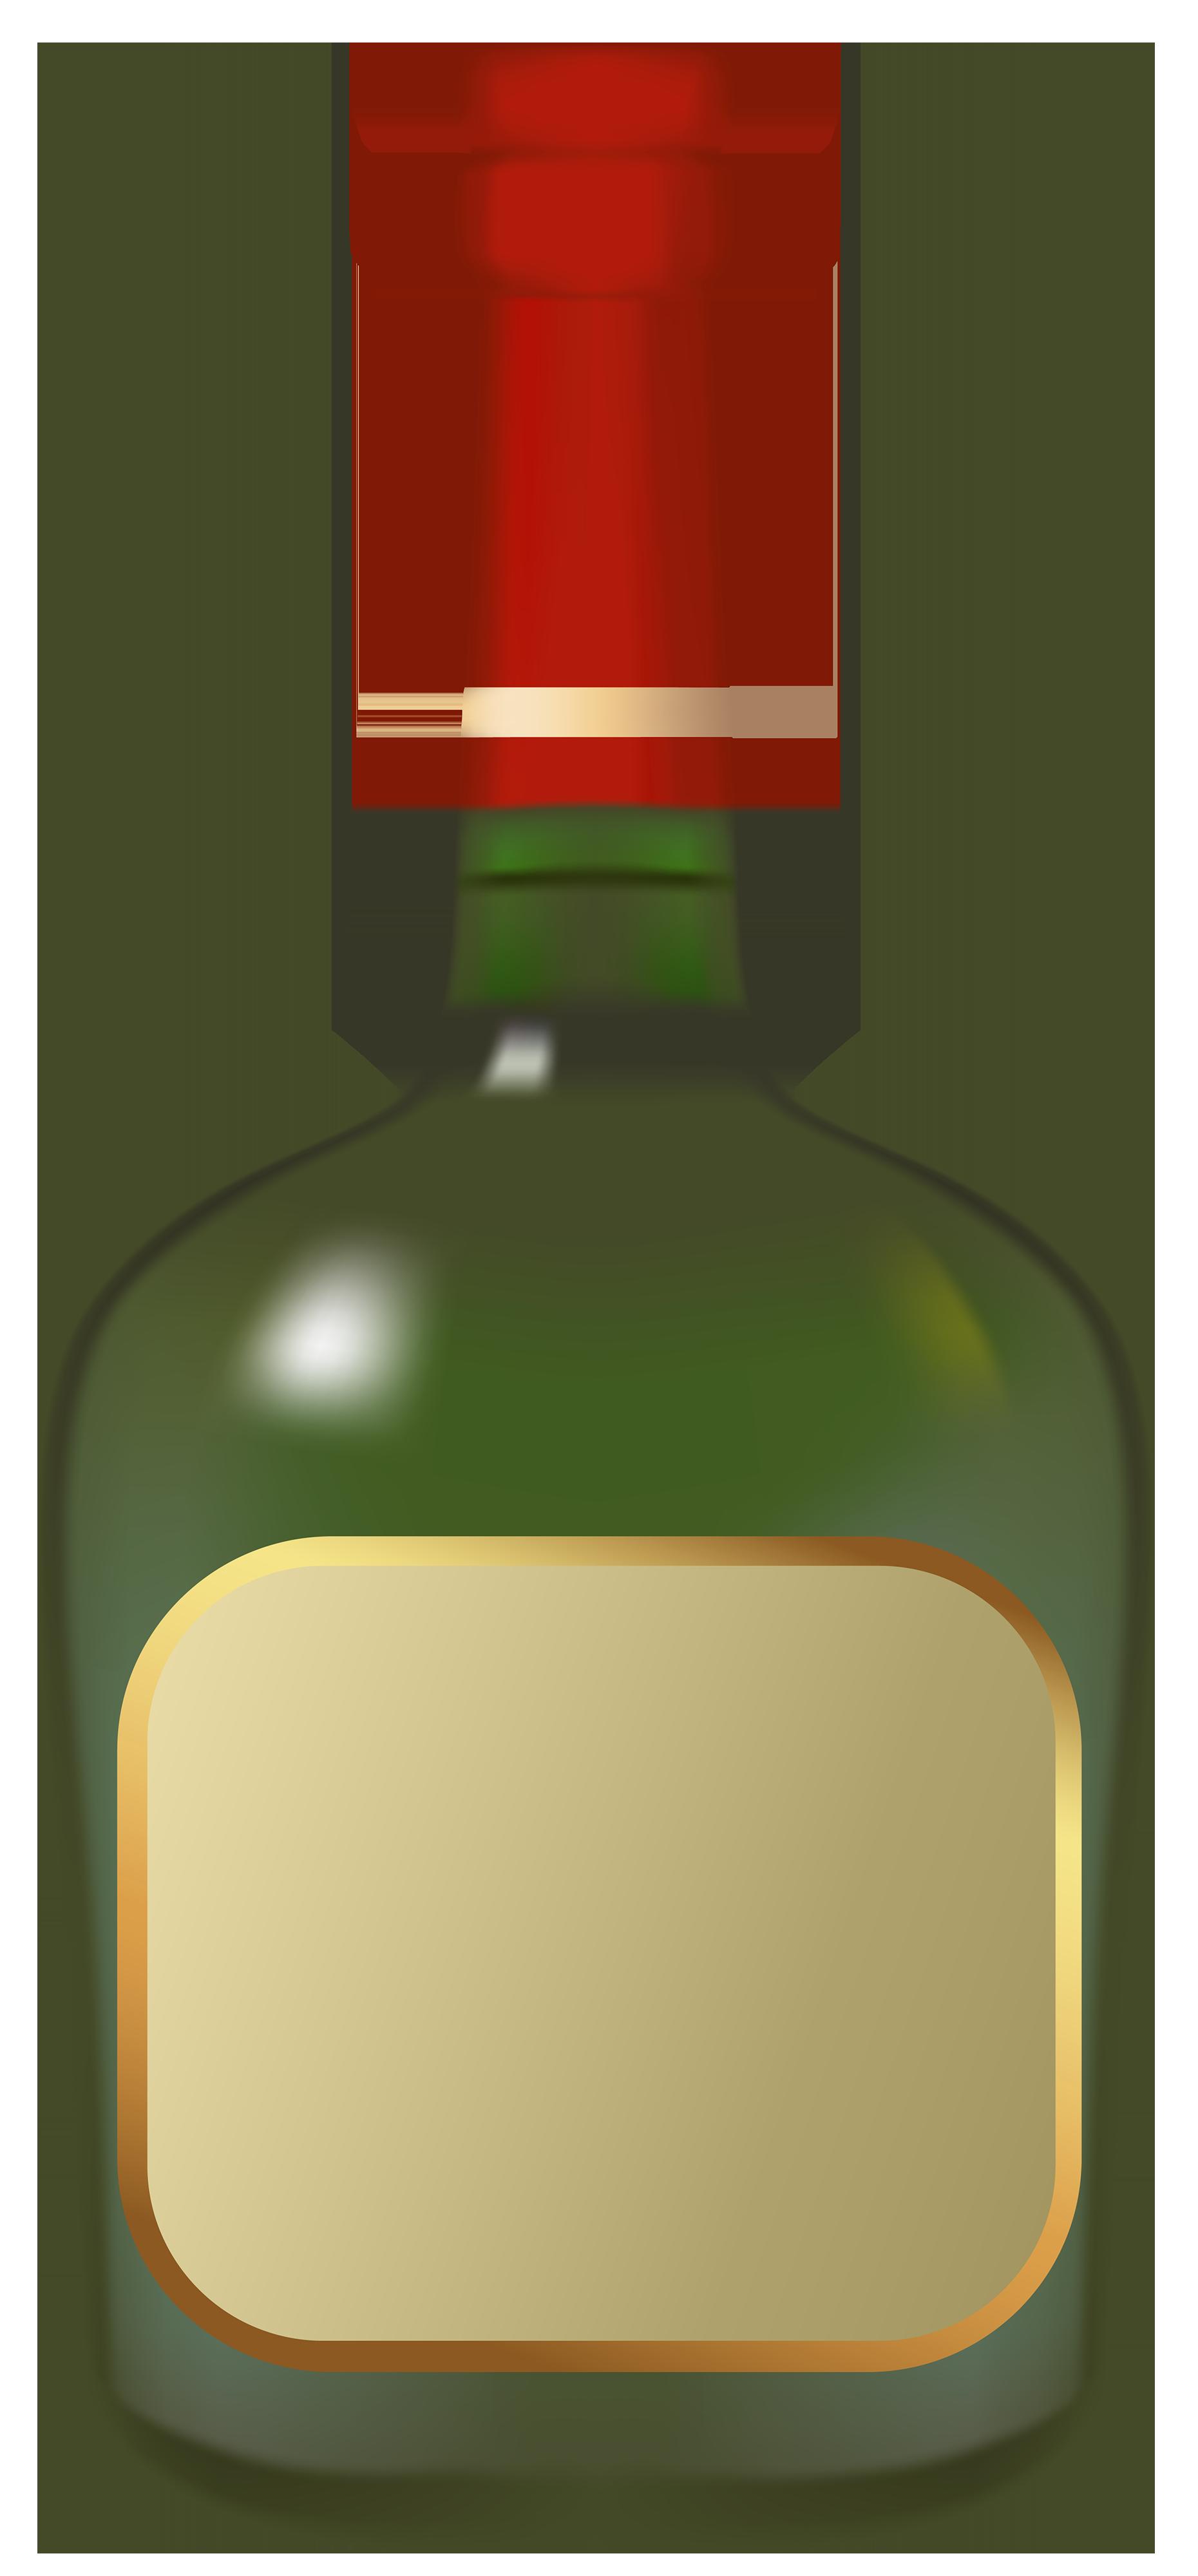 1860x4000 Liquor Bottle Png Clipart